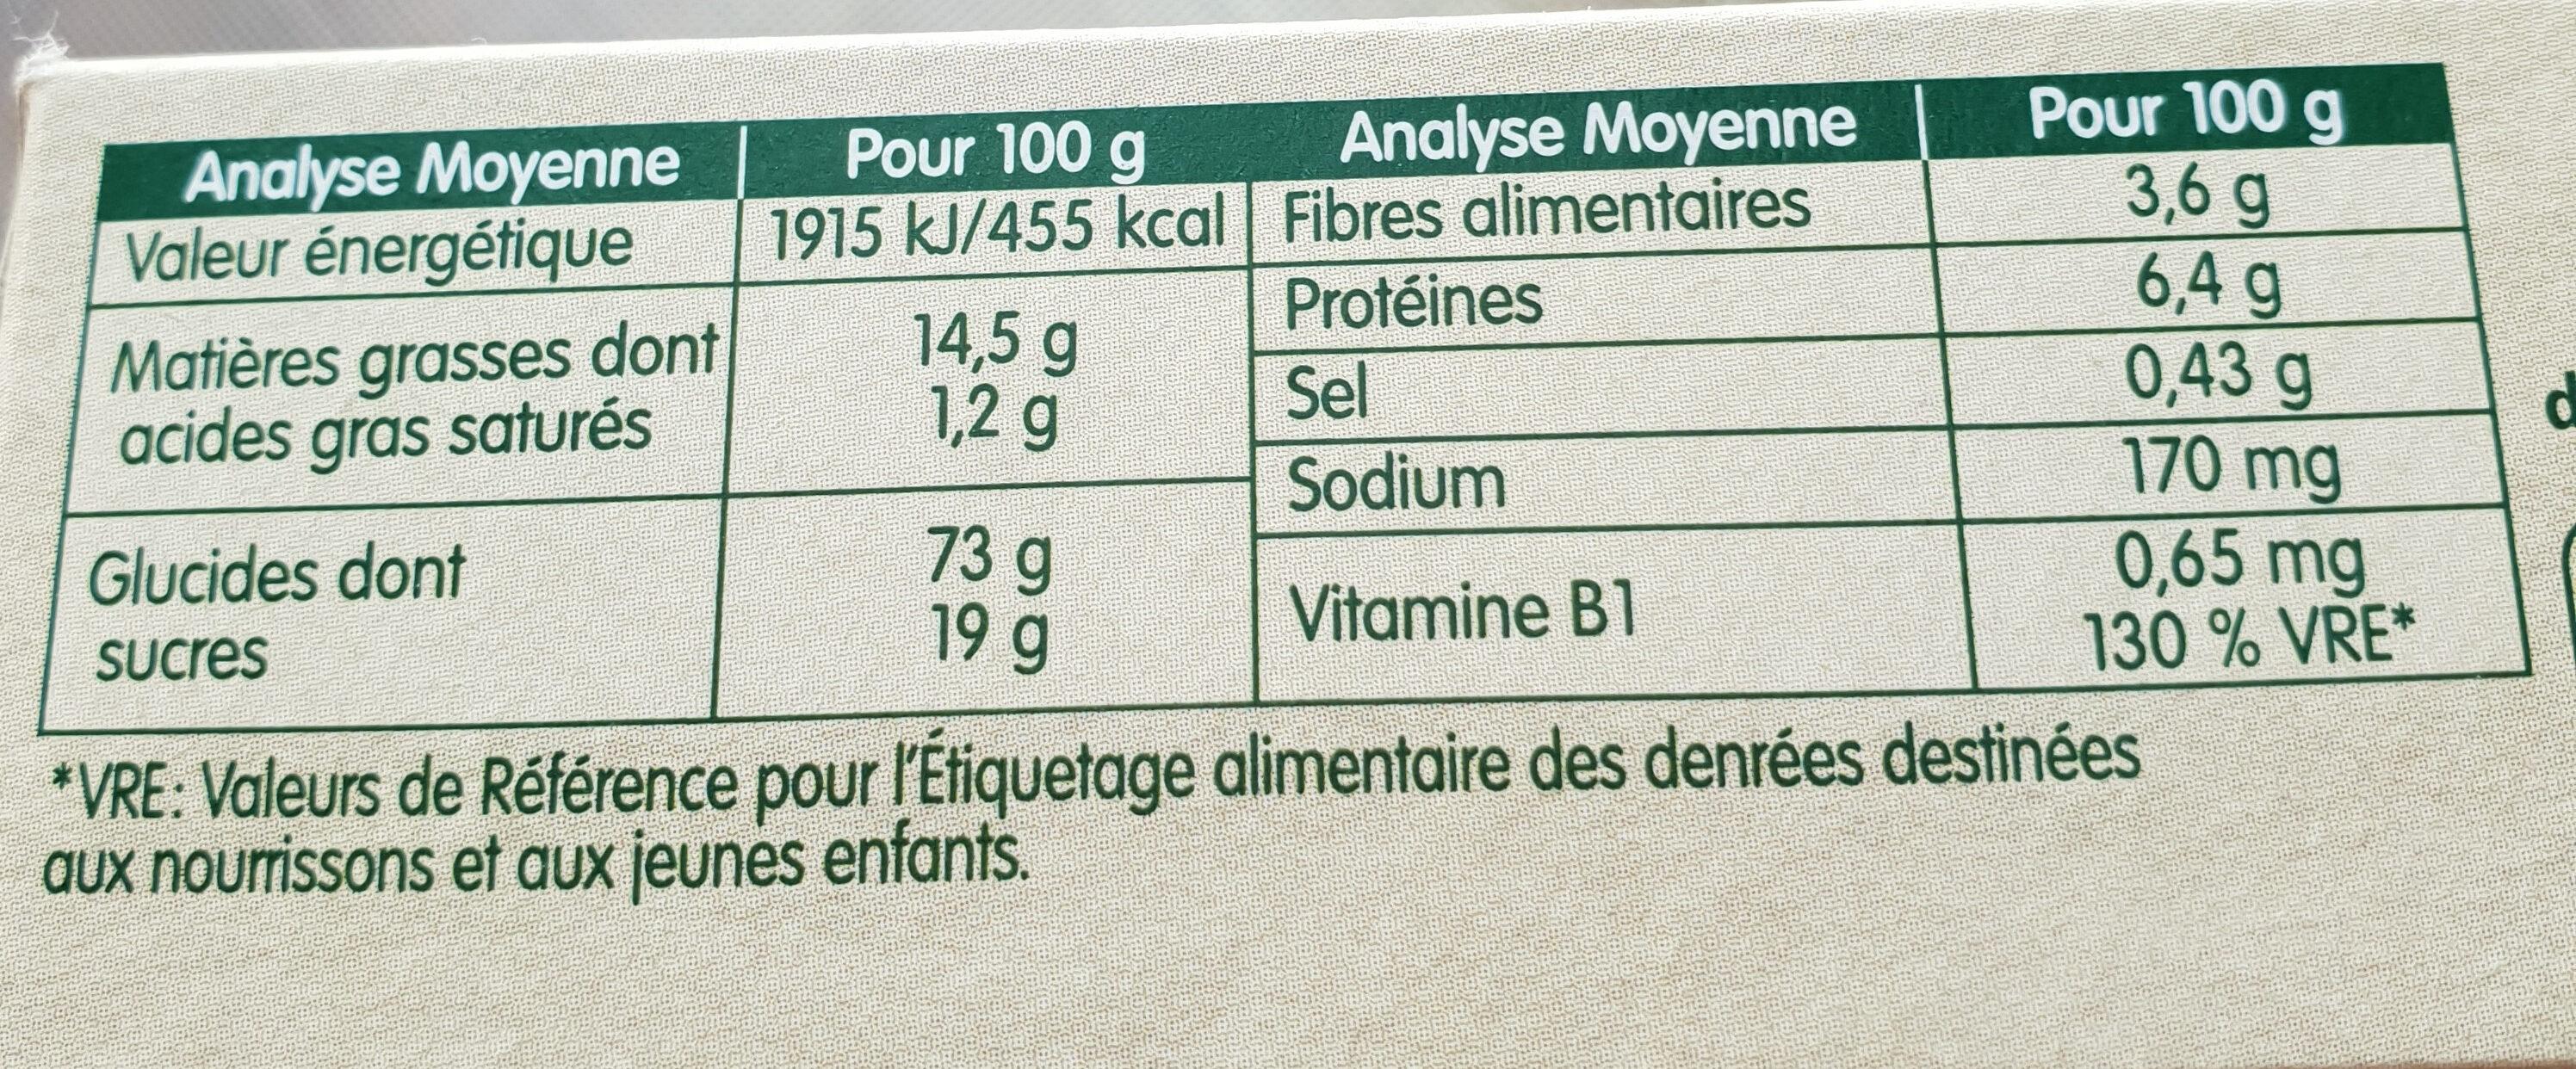 Mon 1er biscuit - Informations nutritionnelles - fr